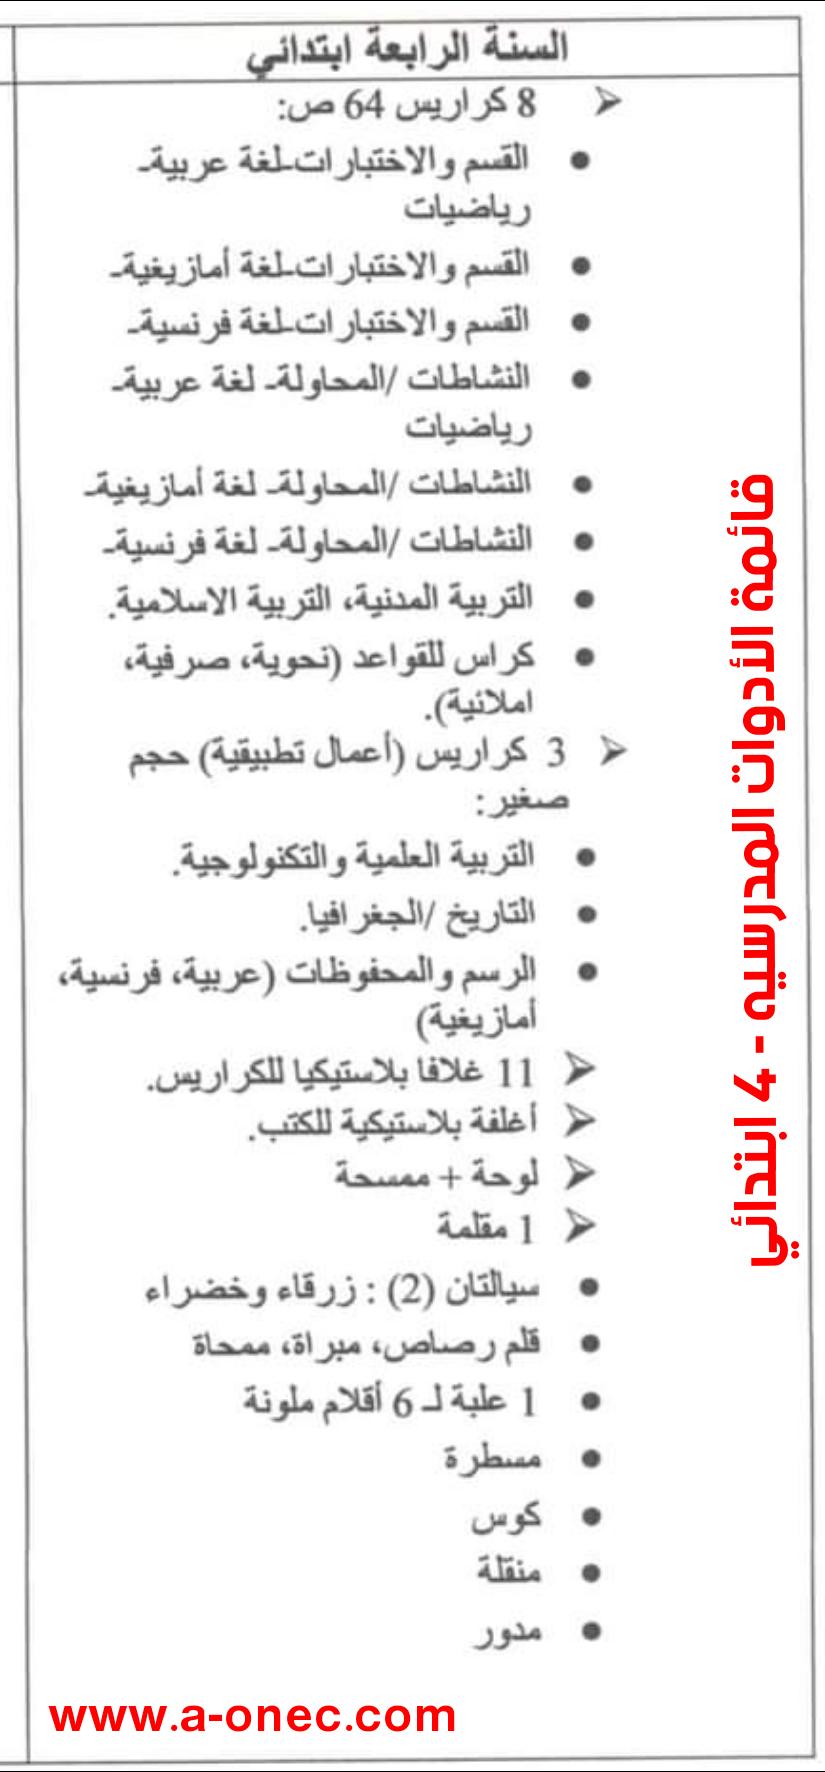 قائمة الادوات المدرسية الرسمية للسنة الرابعة ابتدائي